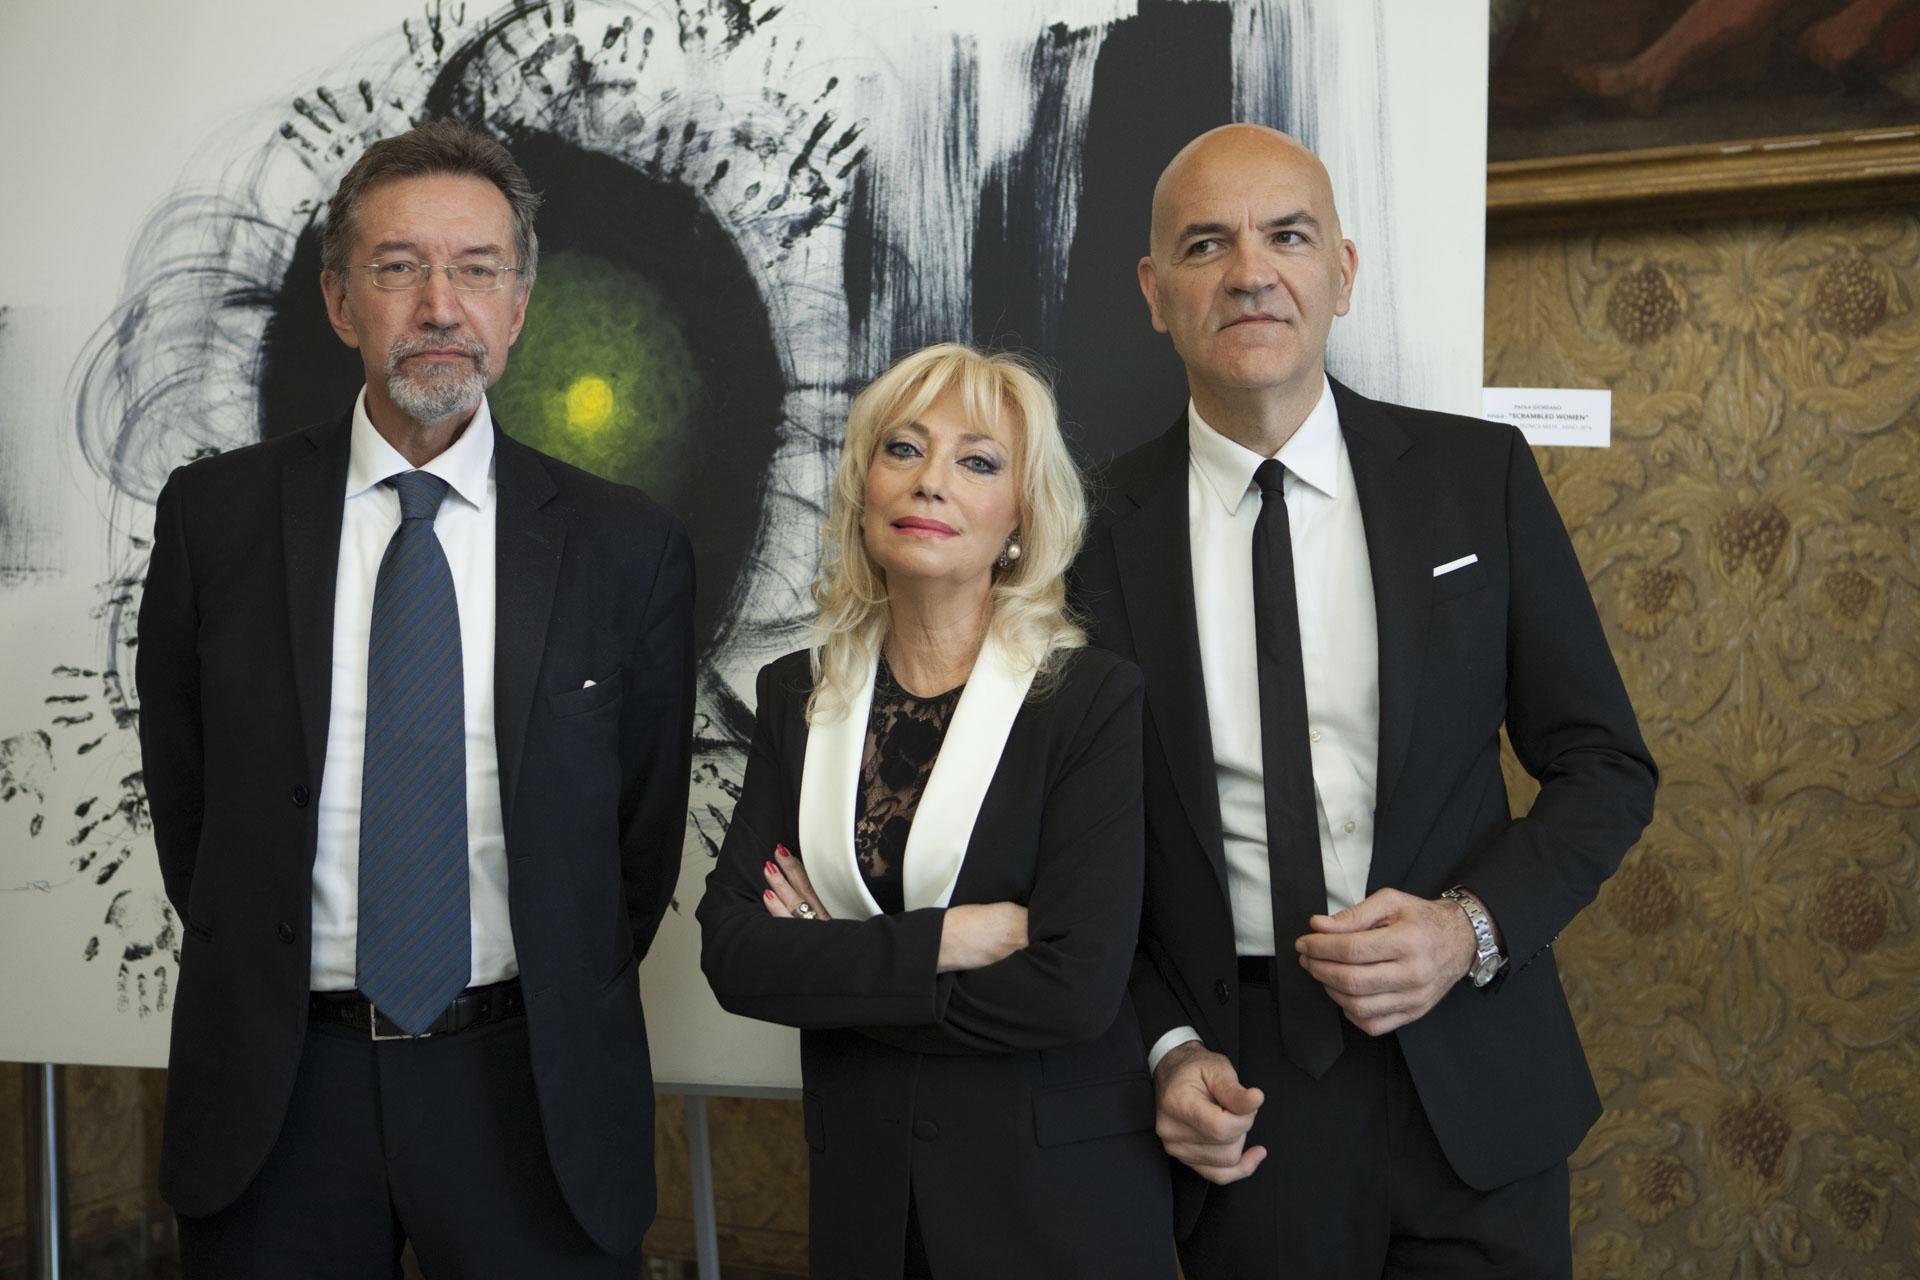 La 58ma edizione del Salone del Mobile 2019 affronta il tema del design sostenibile – Intervista al critico d'arte Marco Eugenio Di Giandomenico